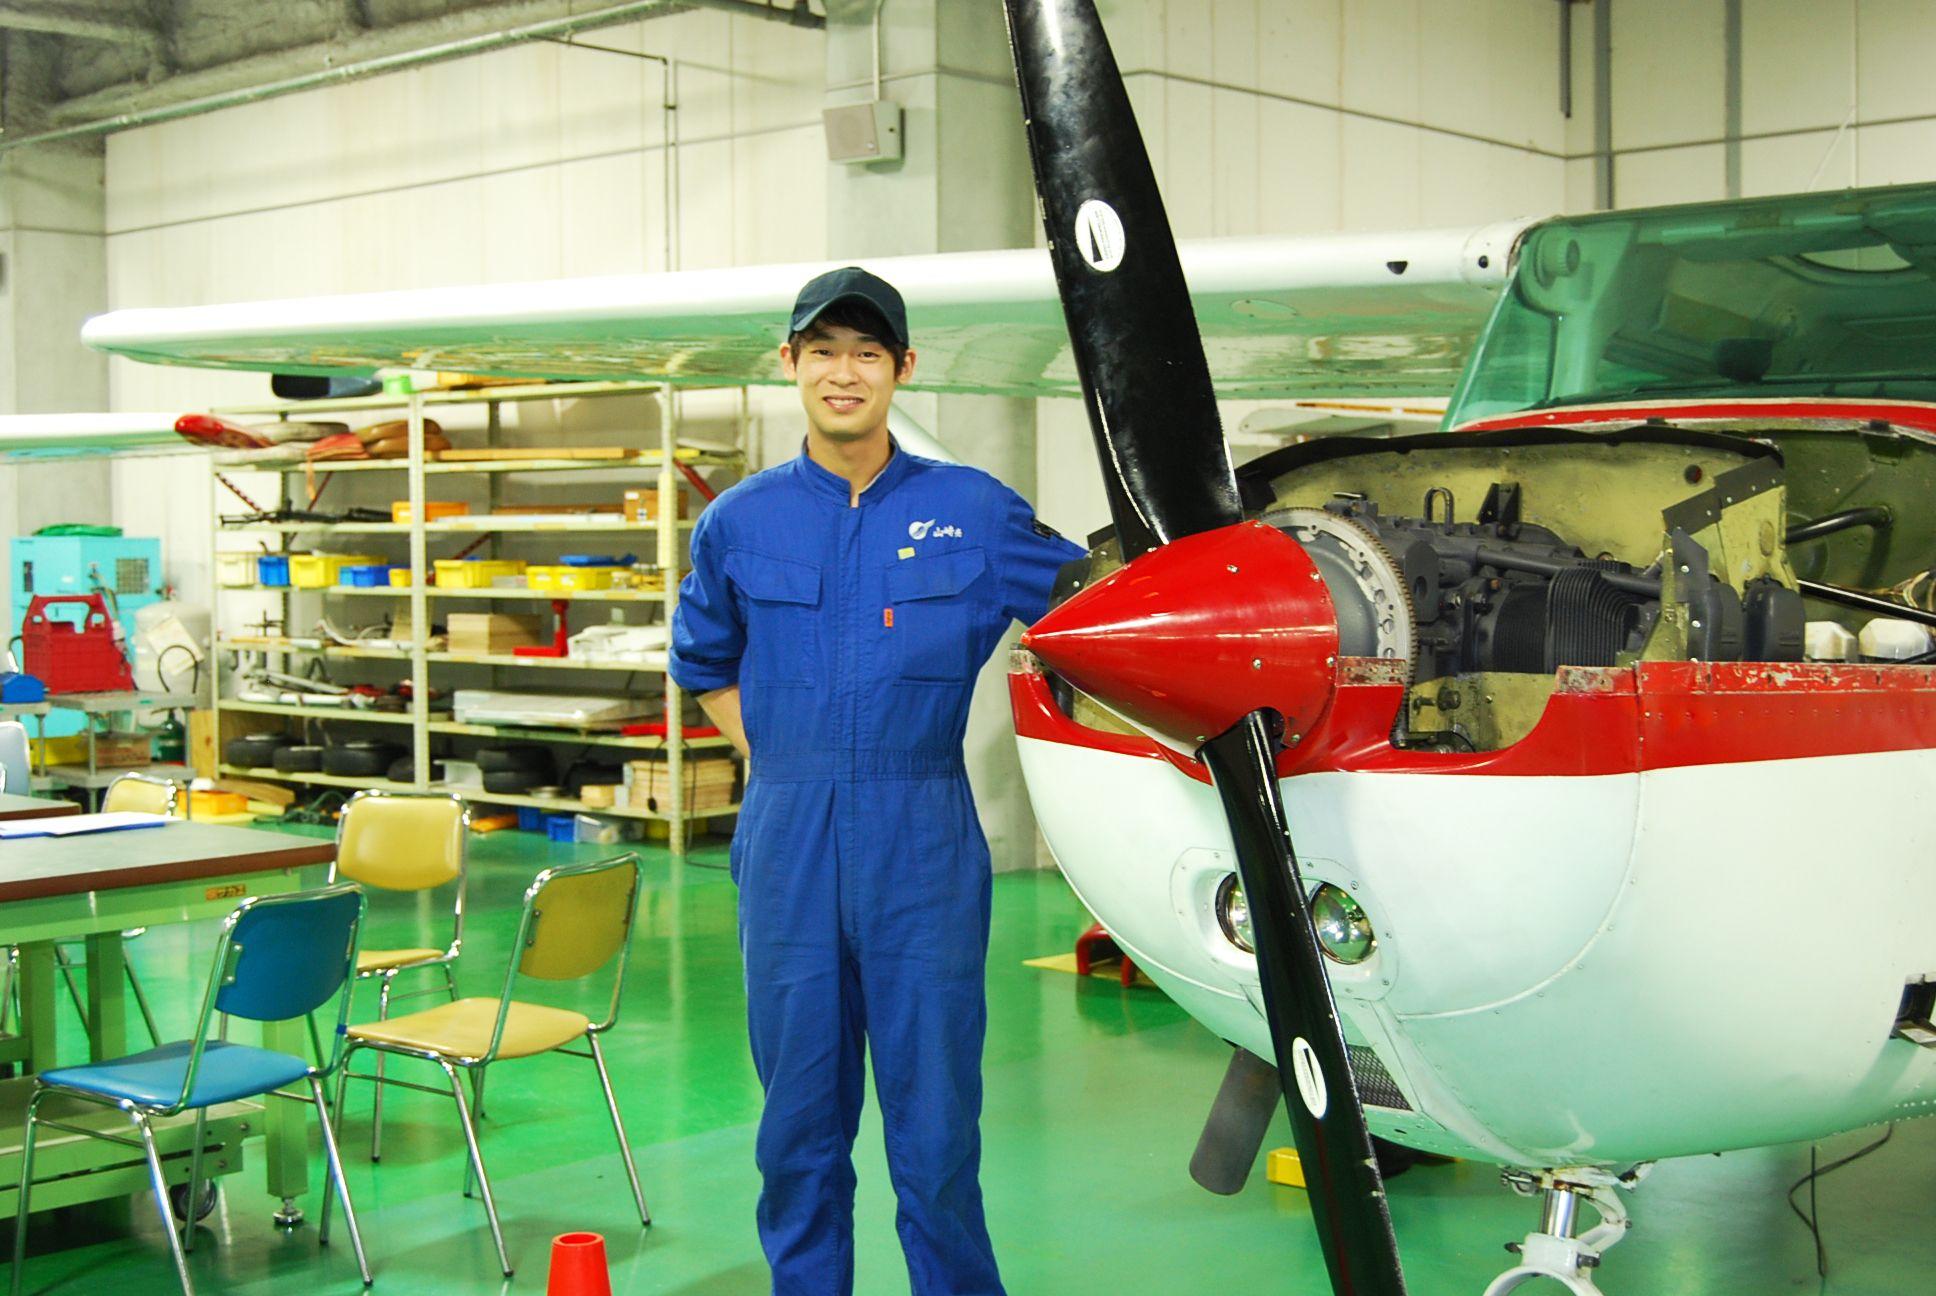 航空整備士学科の紹介画像